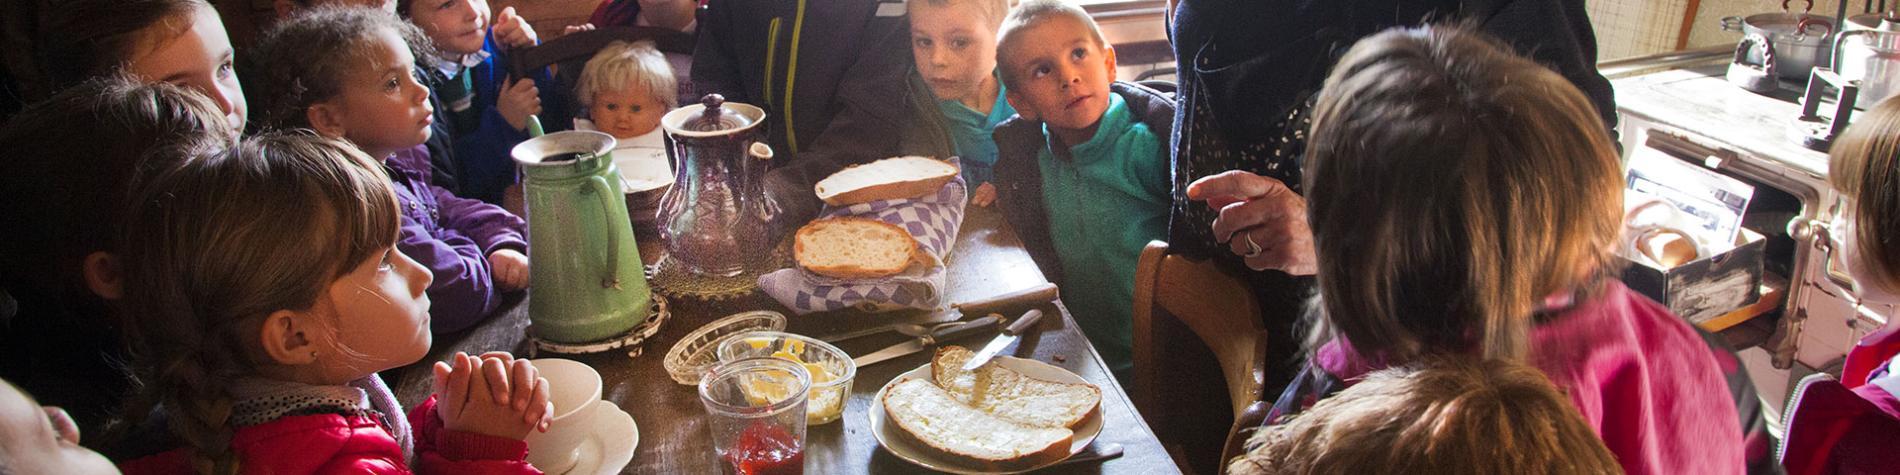 Ecomusée - Pays des Collines - Wallonie insolite